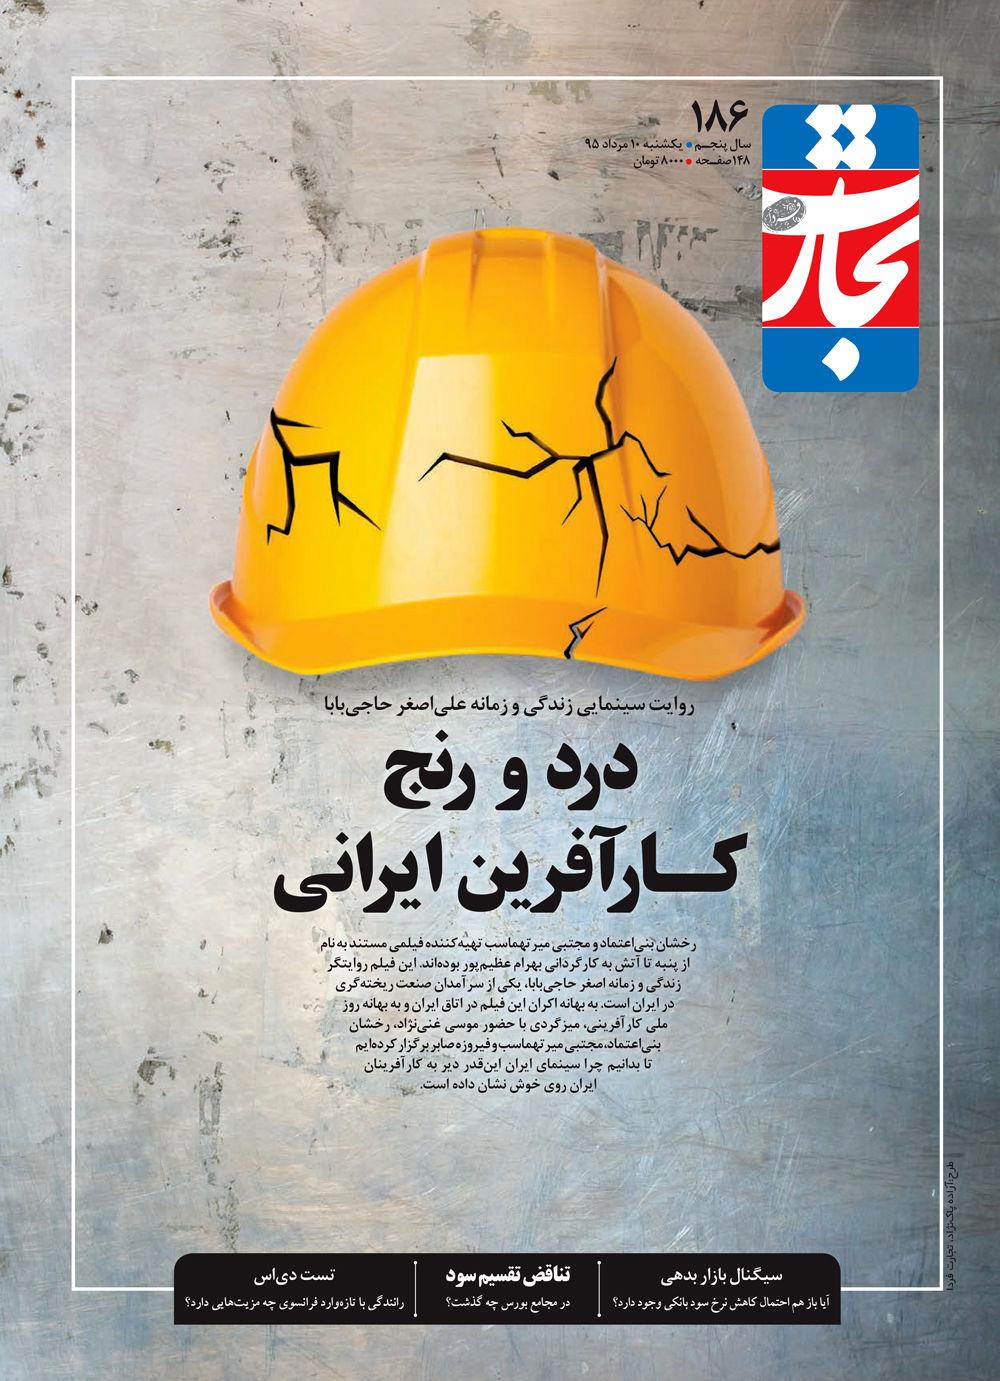 درد و رنج کارآفرین ایرانی